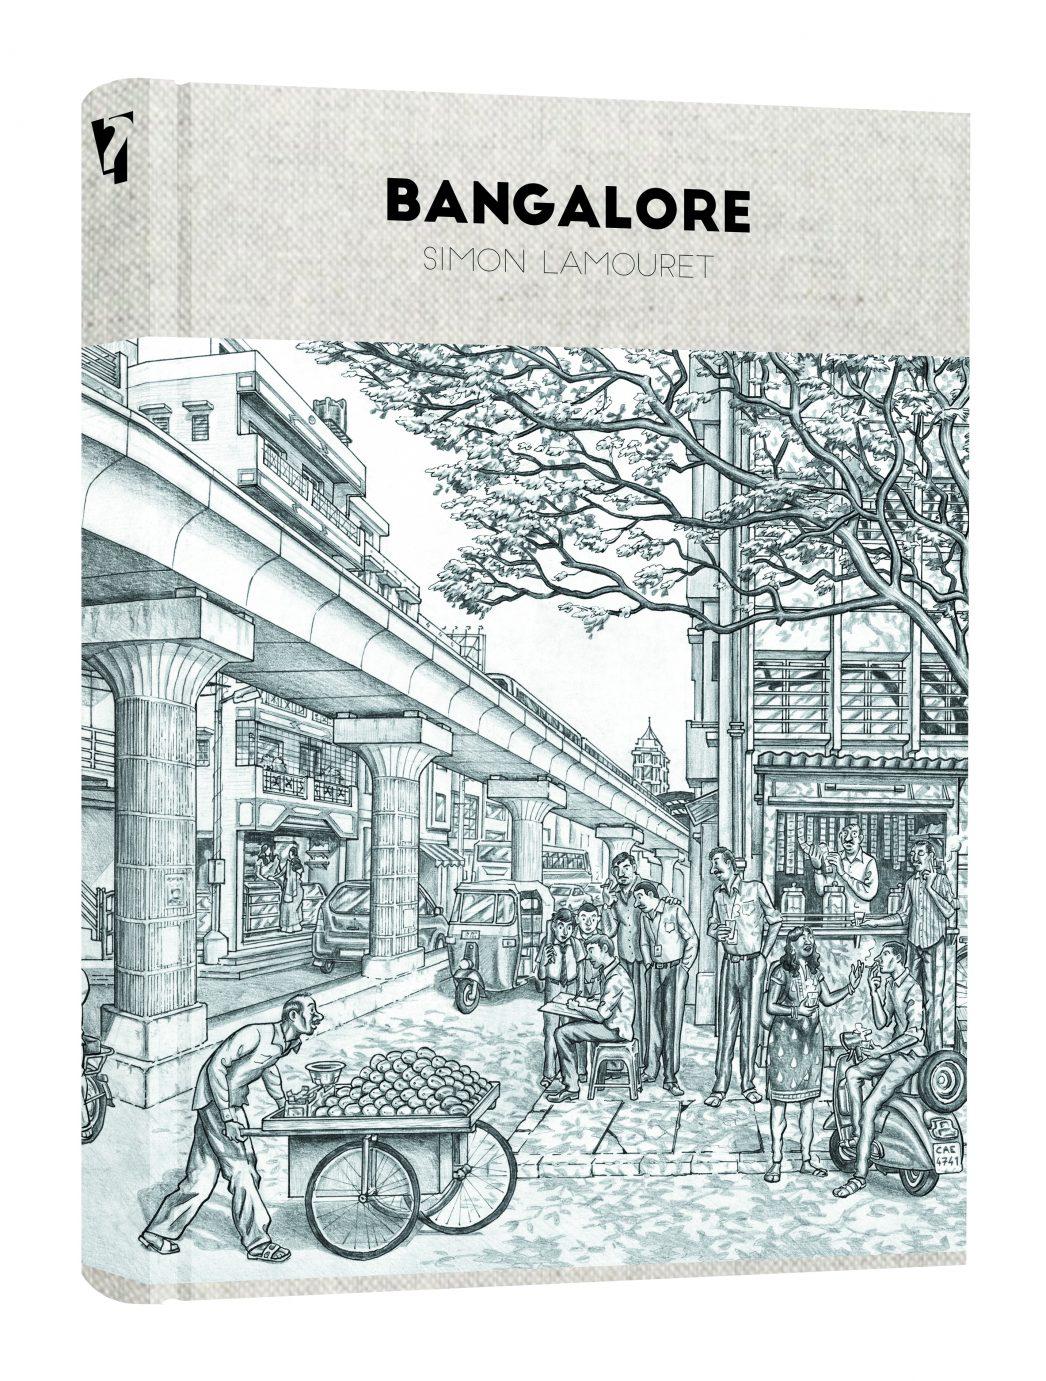 """Couverture de la bande dessinée """"Bangalore"""", scénario et dessin Simon Lamouret, 112 pages, Warum."""